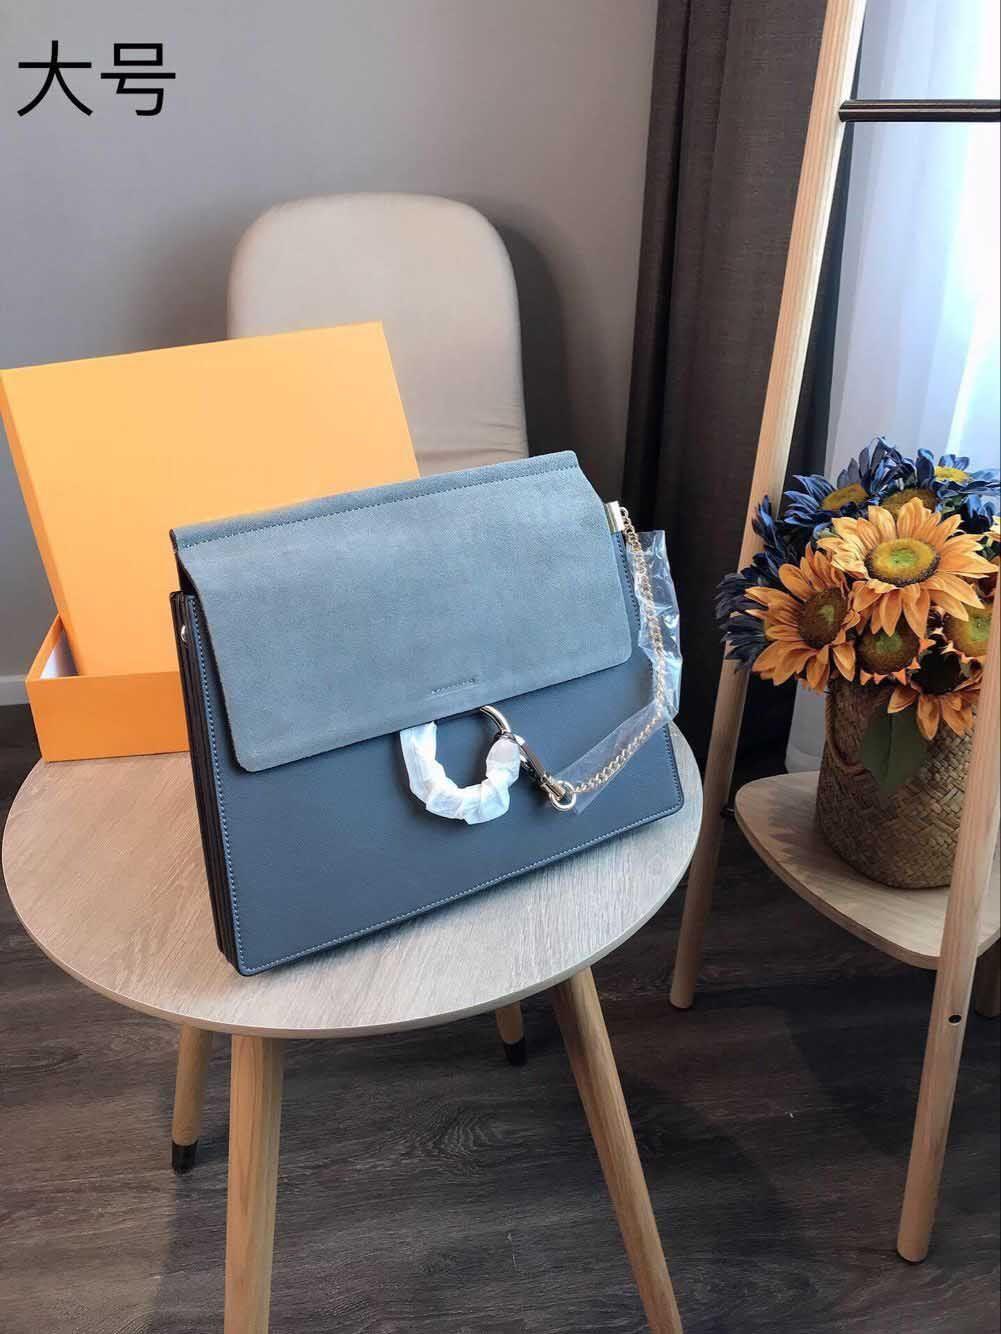 Omuz çantaları kadın lüks tasarımcı gerçek deri zincir crossbody çanta çanta ünlü daire tasarımcı çanta yüksek kalite büyük boy 31 cm